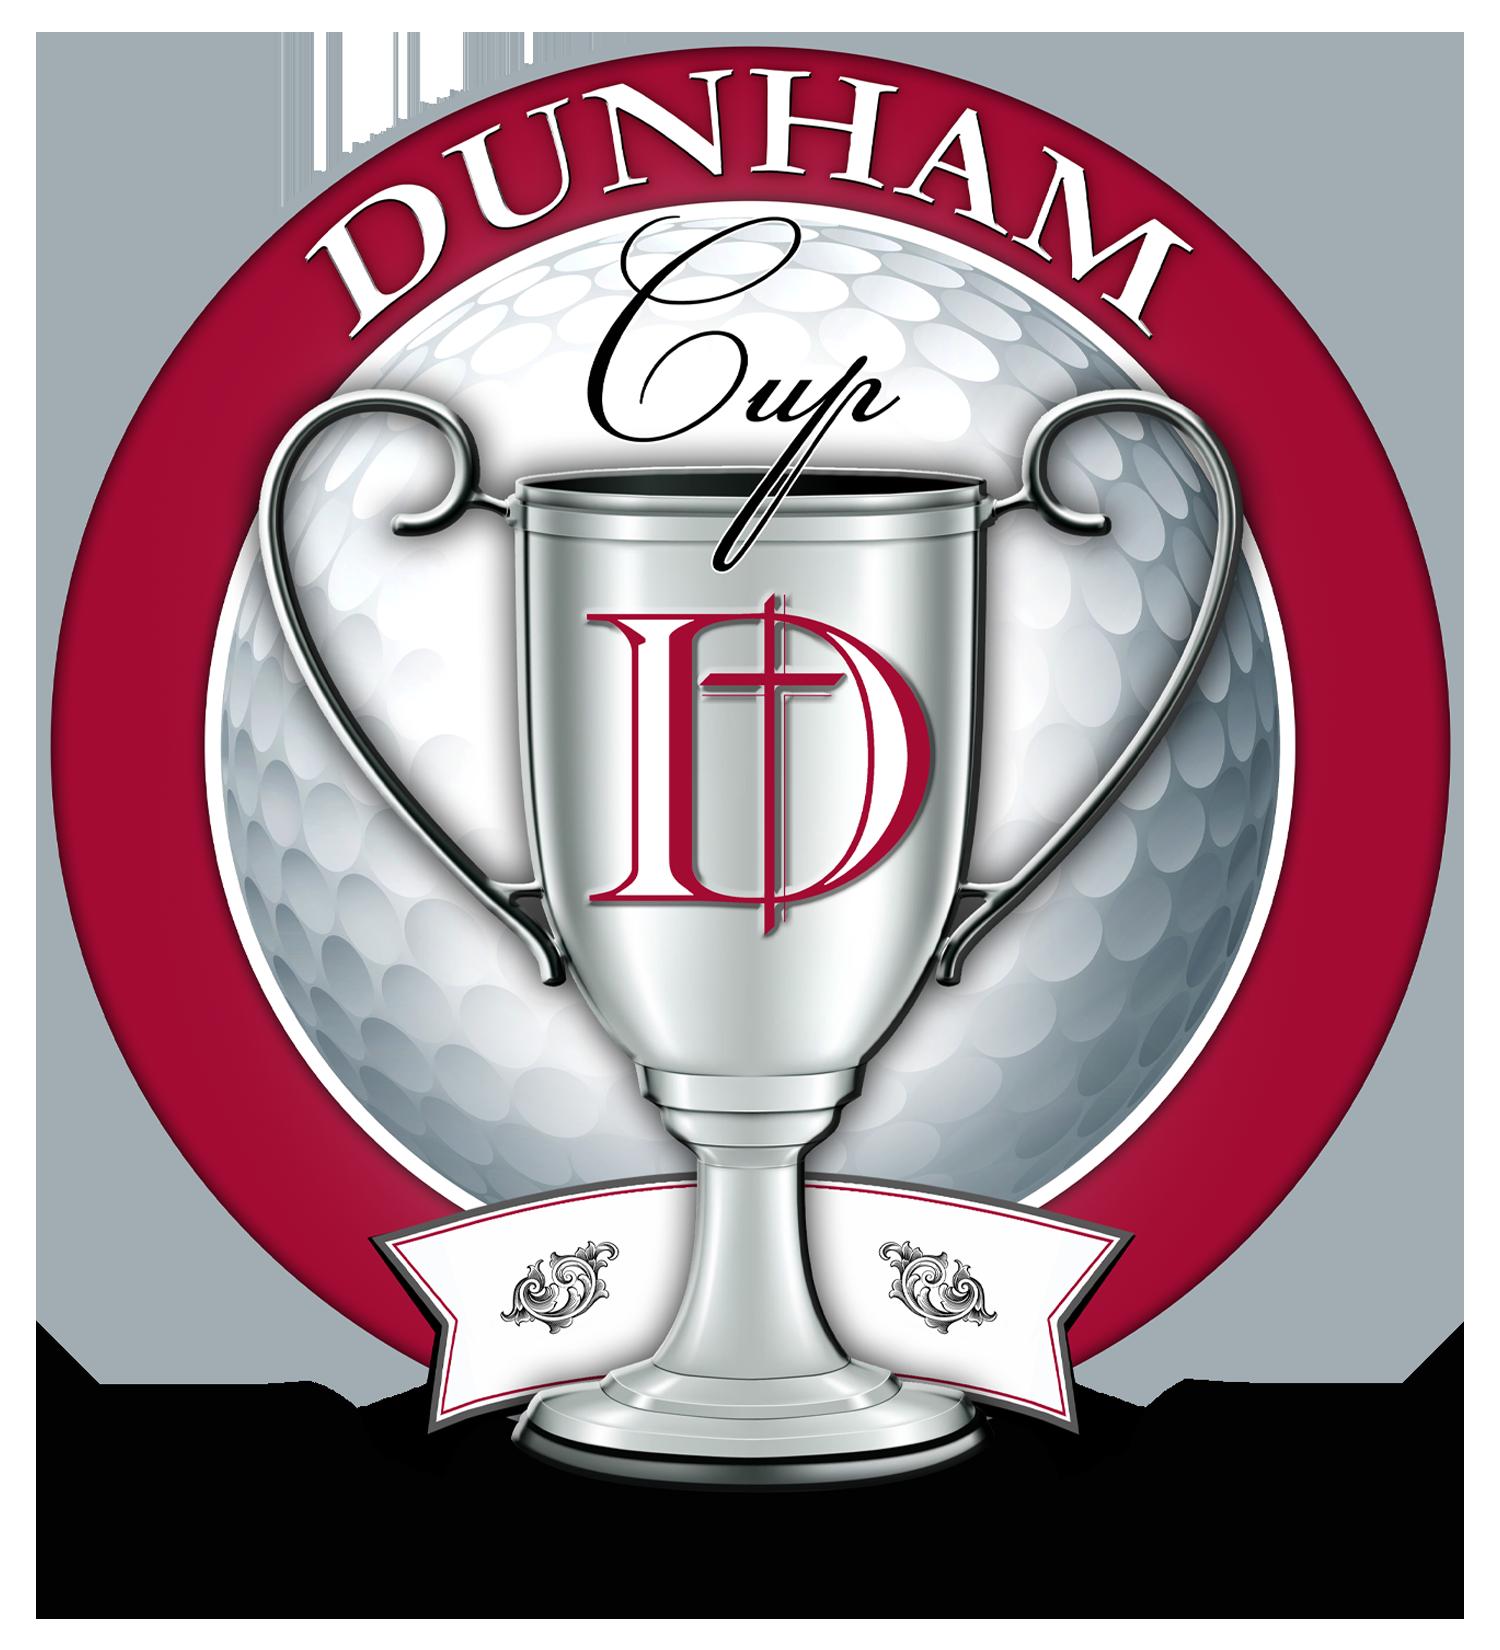 The Dunham School Baton Rouge Dunham Cup Golf Classic logo